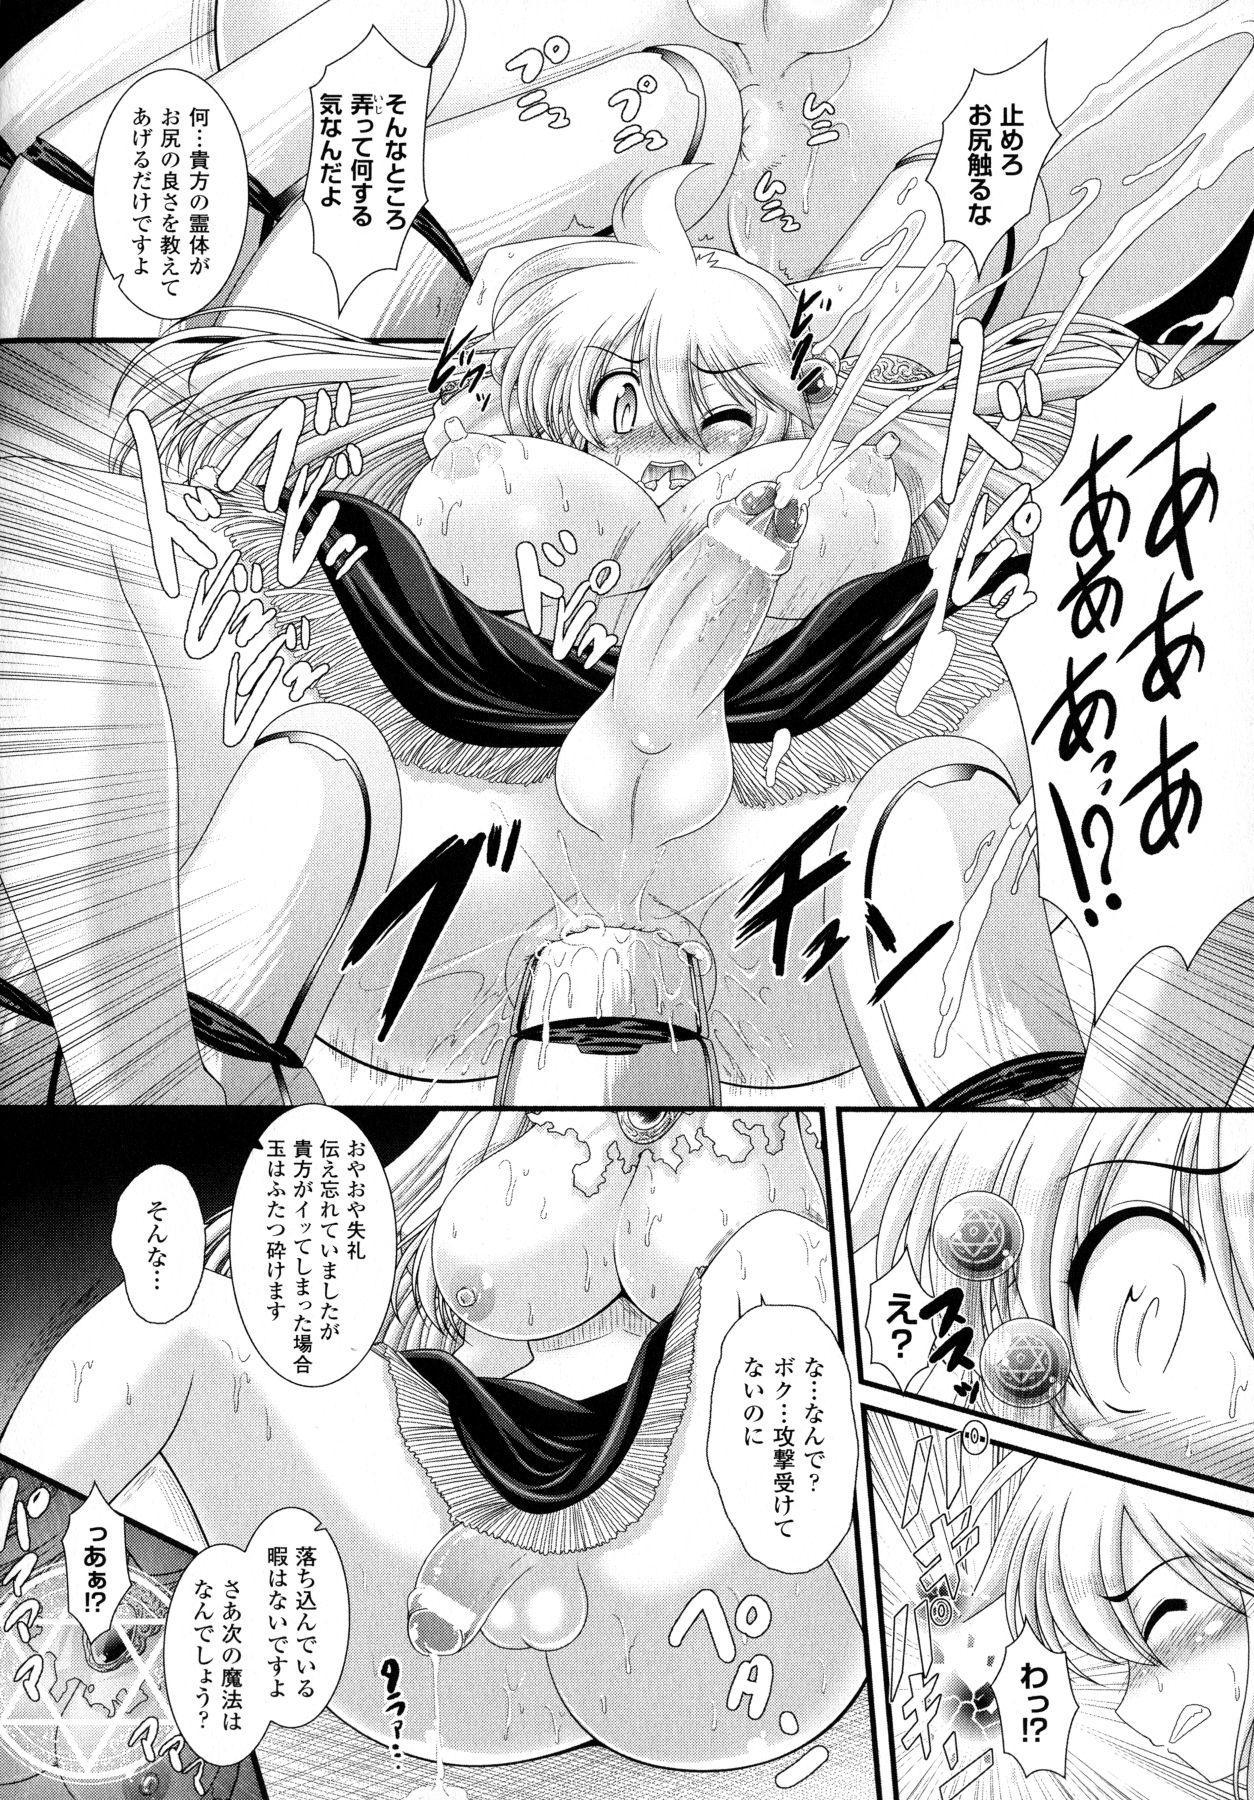 Akuma no Shitsumon 159